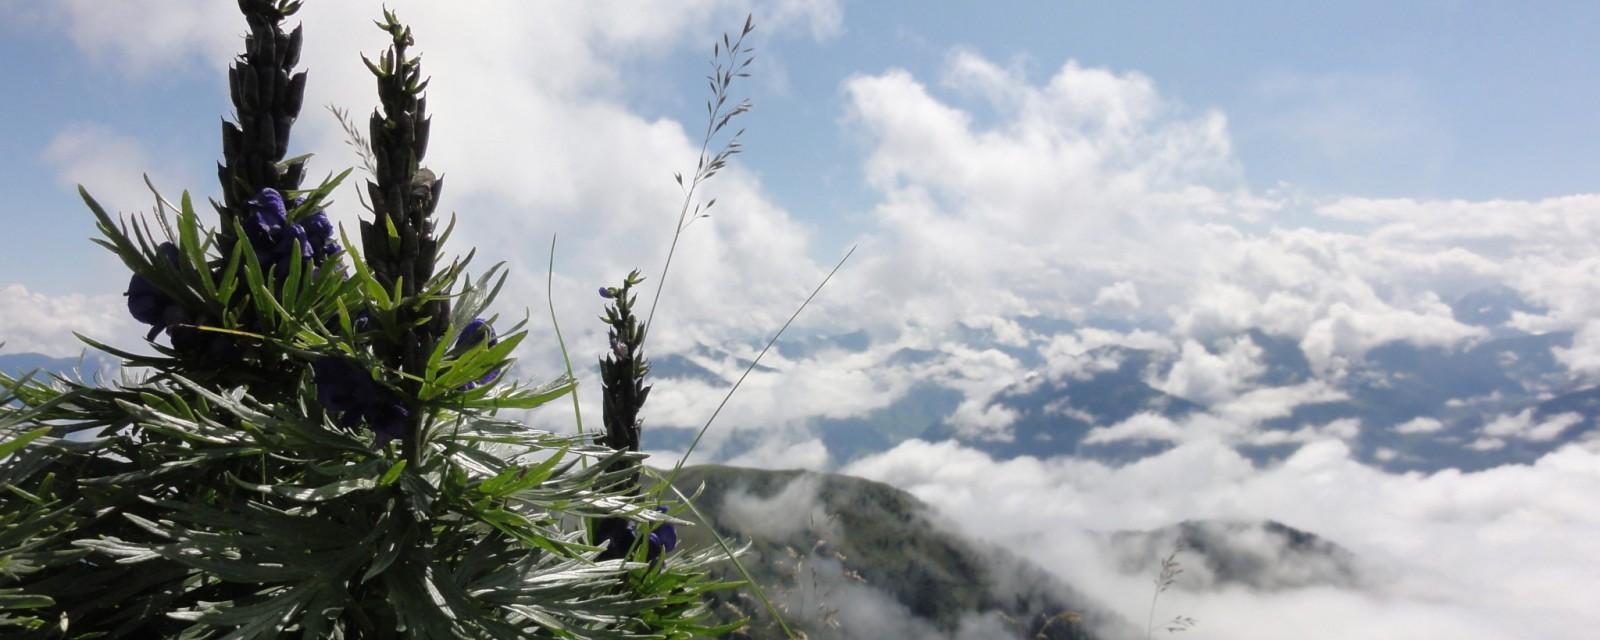 Arnoweg: Über den Wolken am Hundstein